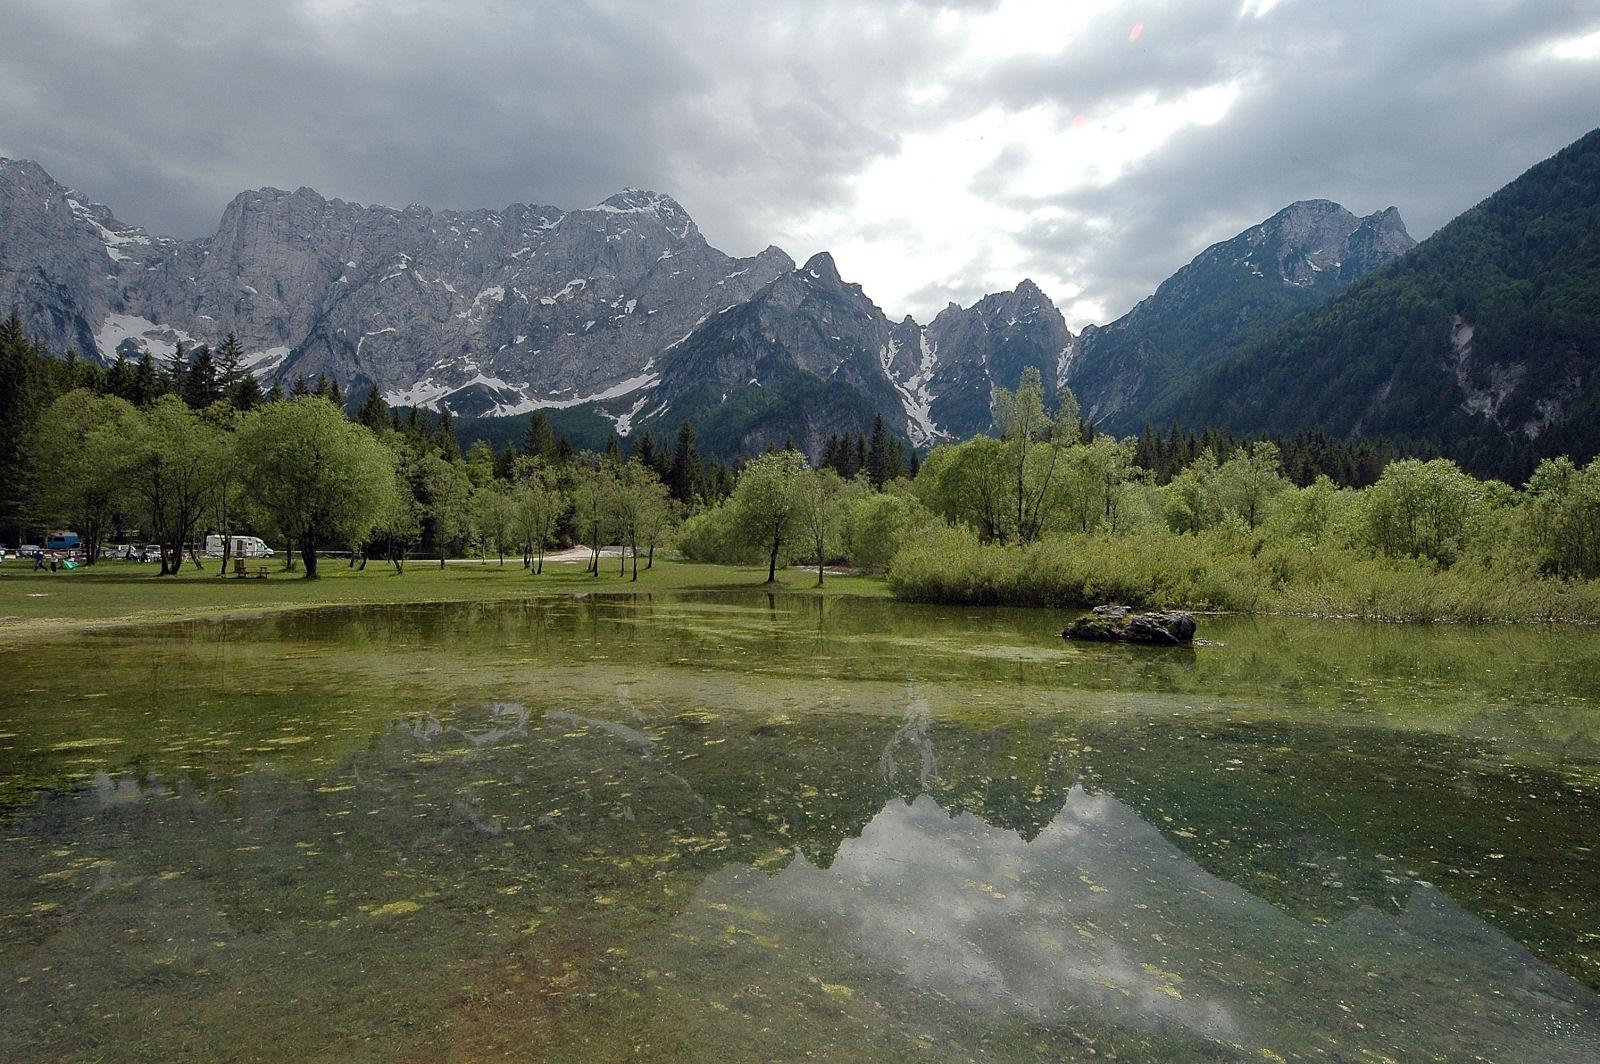 laghi-di-fusine-lakes-italy